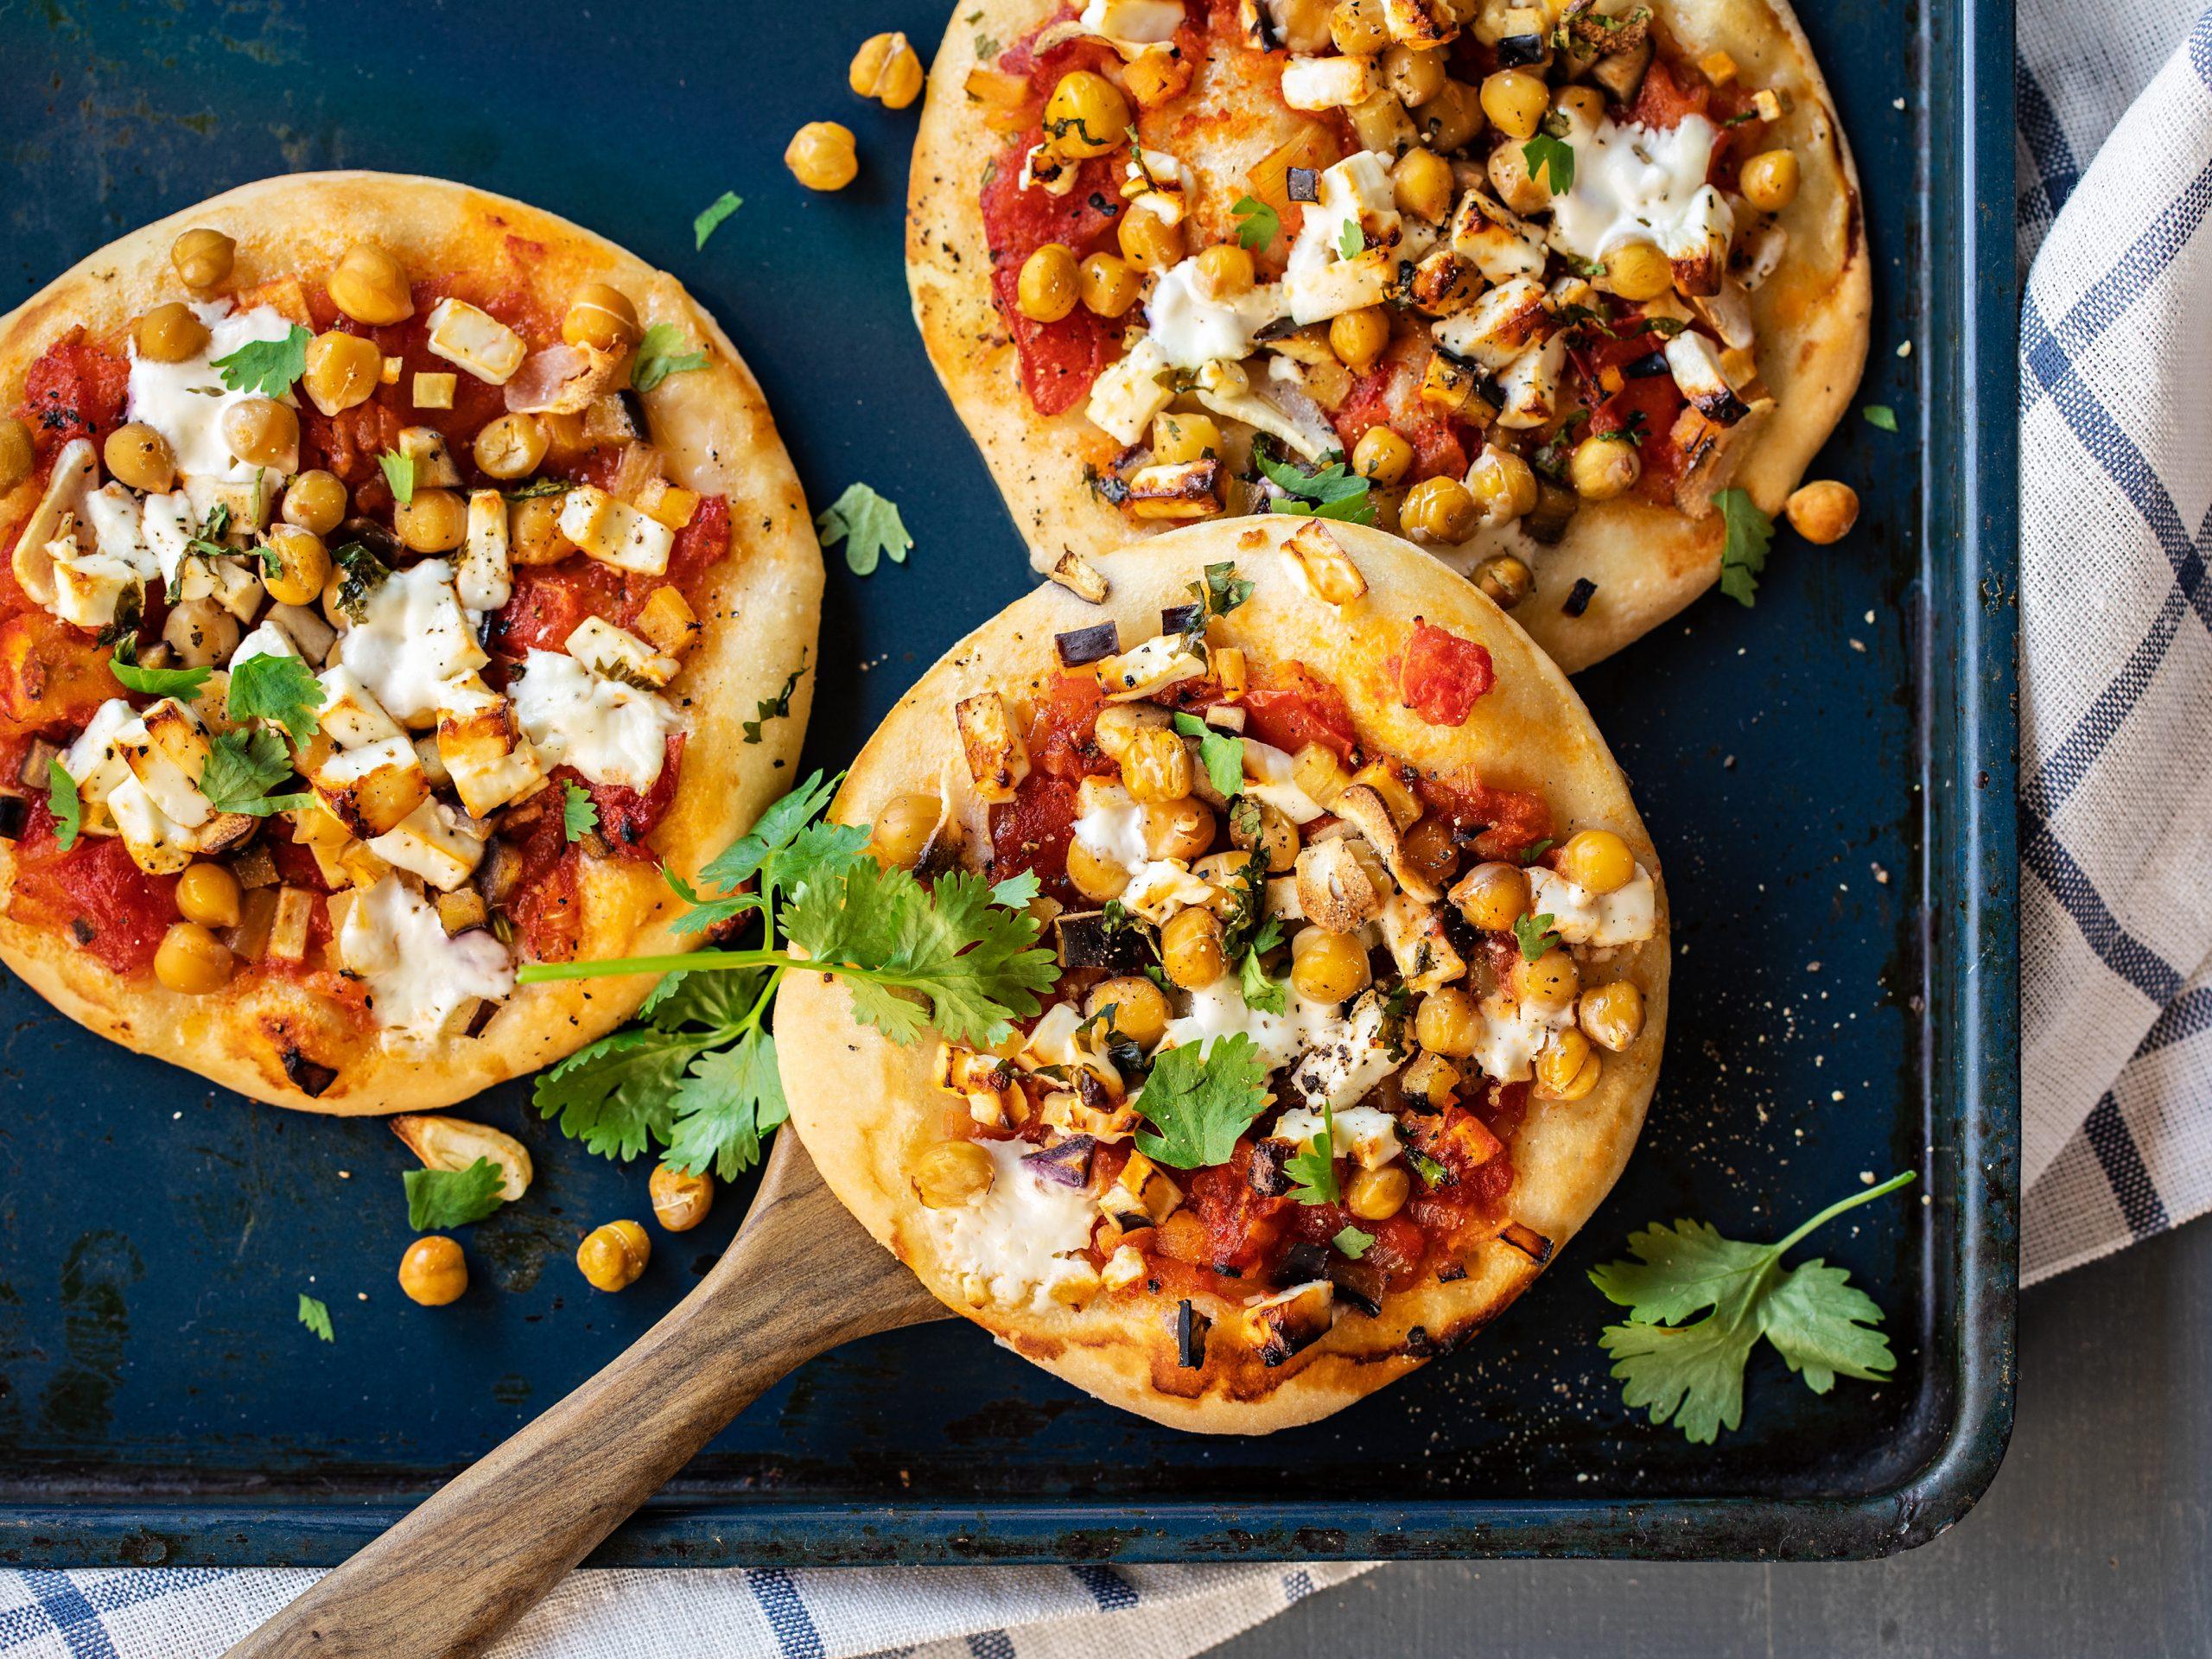 Pizzette aux pois chiches et au fromage frais